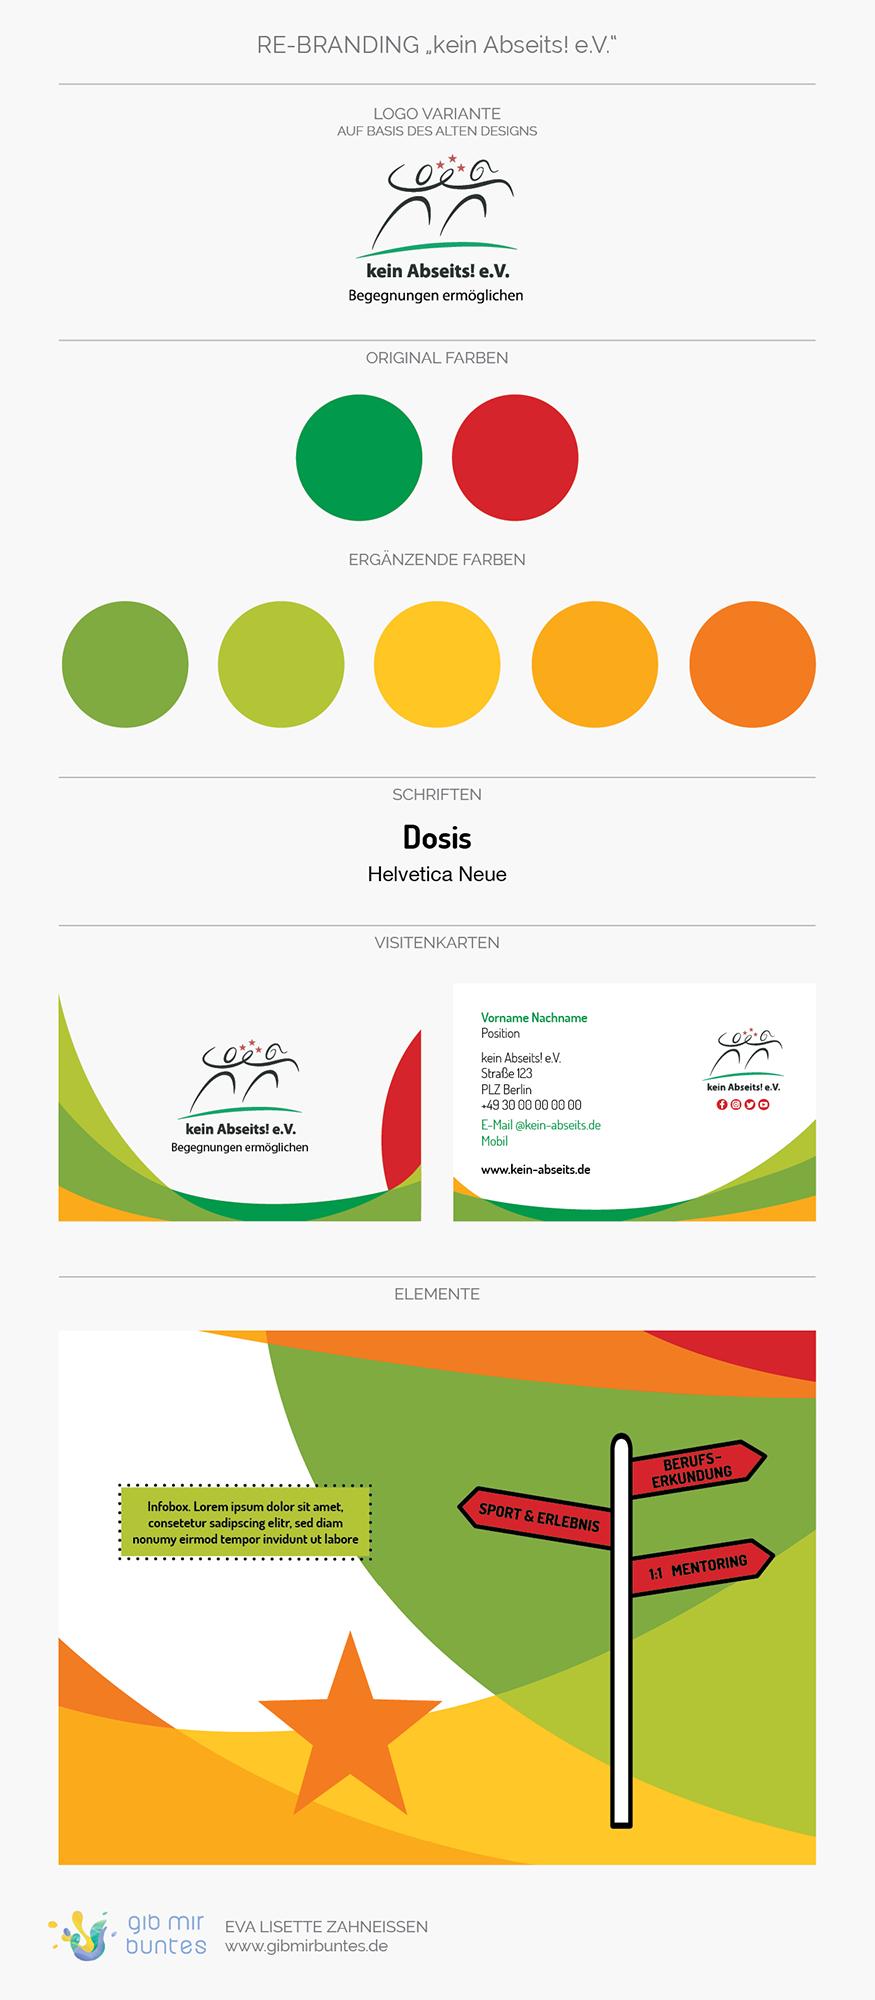 Logo, Farben, Schriften, Visitenkarten und grafische Elemente